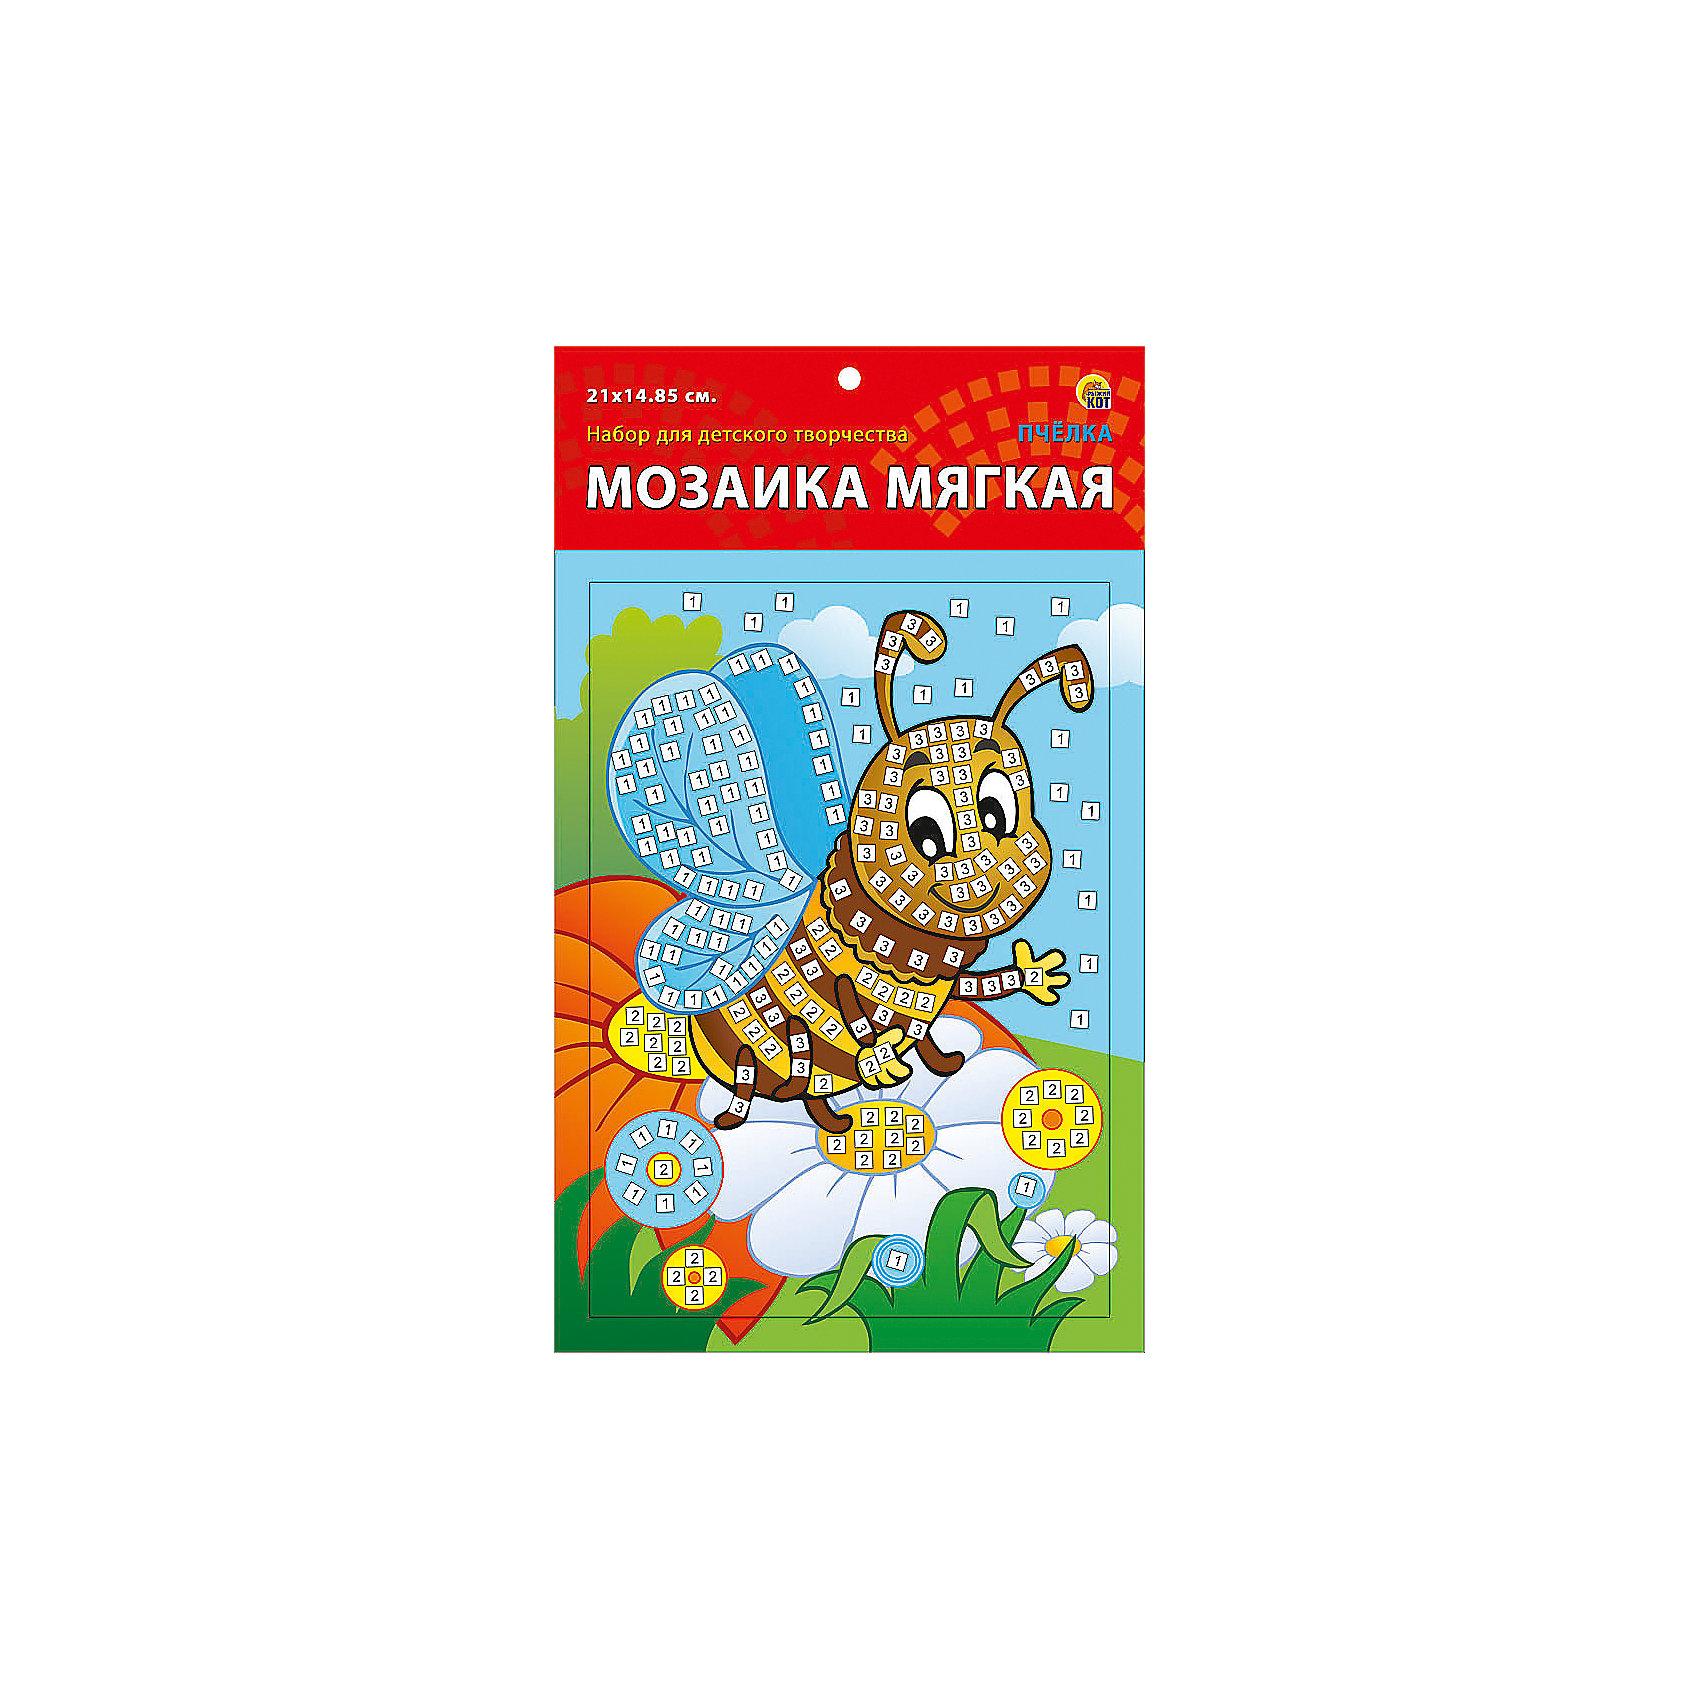 Мягкая мозаика Пчелка формат А5 (21х15 см)Замечательный набор для детского творчества серии Мягкая мозаика станет прекрасным подарком для Вашего ребёнка, ведь он развивает творческие способности, мелкую моторику рук, цветовосприятие, внимание и художественный вкус! Малышу просто необходимо приклеить к пронумерованным областям на картинке детали соответствующих цветов. Набор привлекает ярким красивым дизайном и выполнен из безопасных материалов. Предназначено для детей в возрасте от 3-х лет.<br><br>Ширина мм: 350<br>Глубина мм: 50<br>Высота мм: 225<br>Вес г: 450<br>Возраст от месяцев: 0<br>Возраст до месяцев: 108<br>Пол: Унисекс<br>Возраст: Детский<br>SKU: 5096870